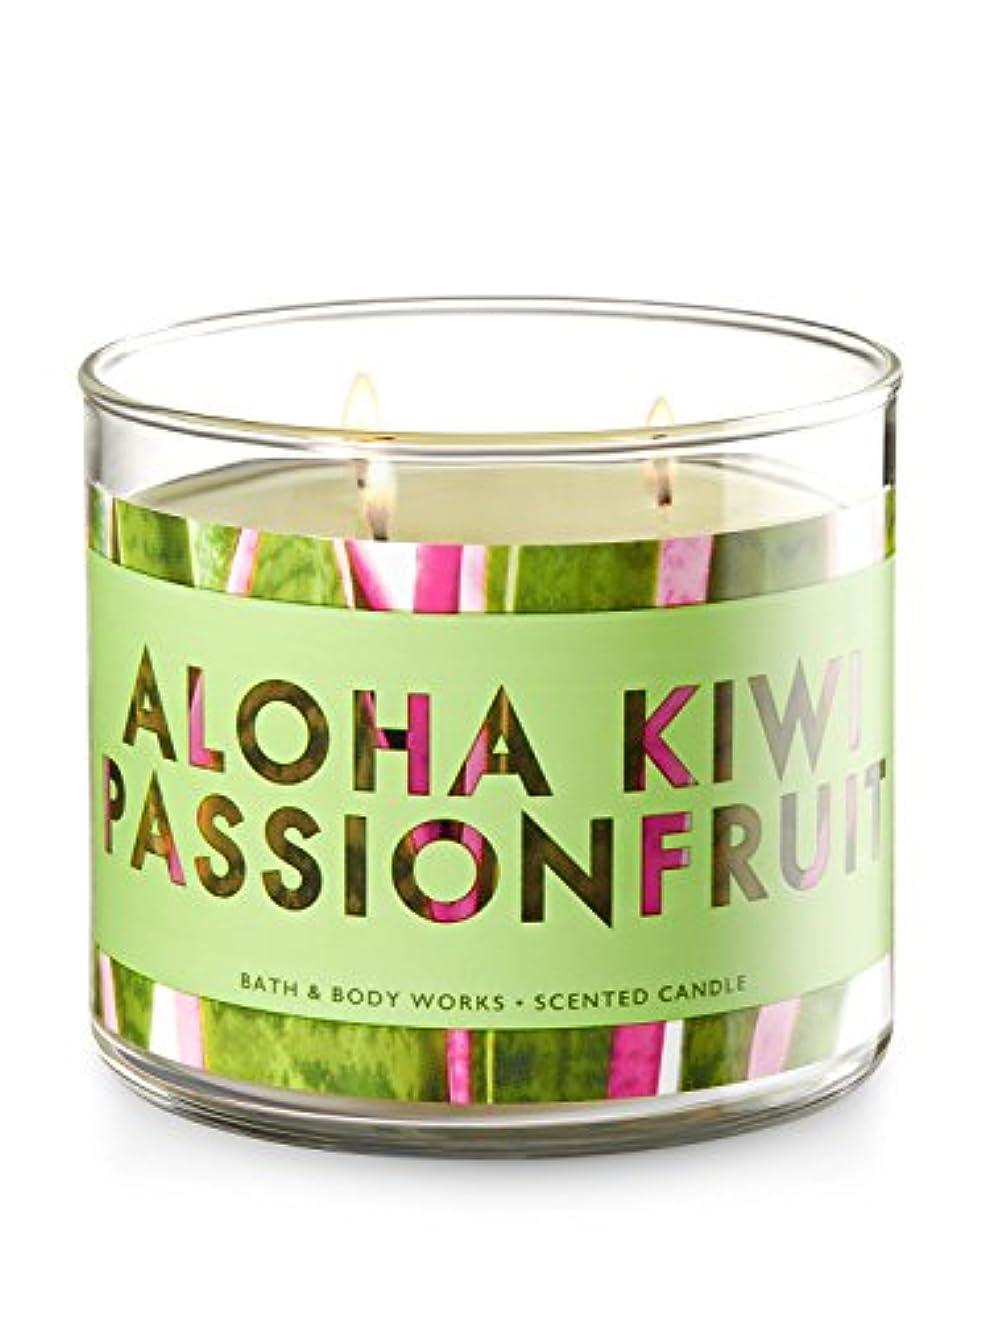 オズワルド墓港Bath and Body Works 3 Wick Scented Candle Aloha Kiwi Passionfruit 430ml